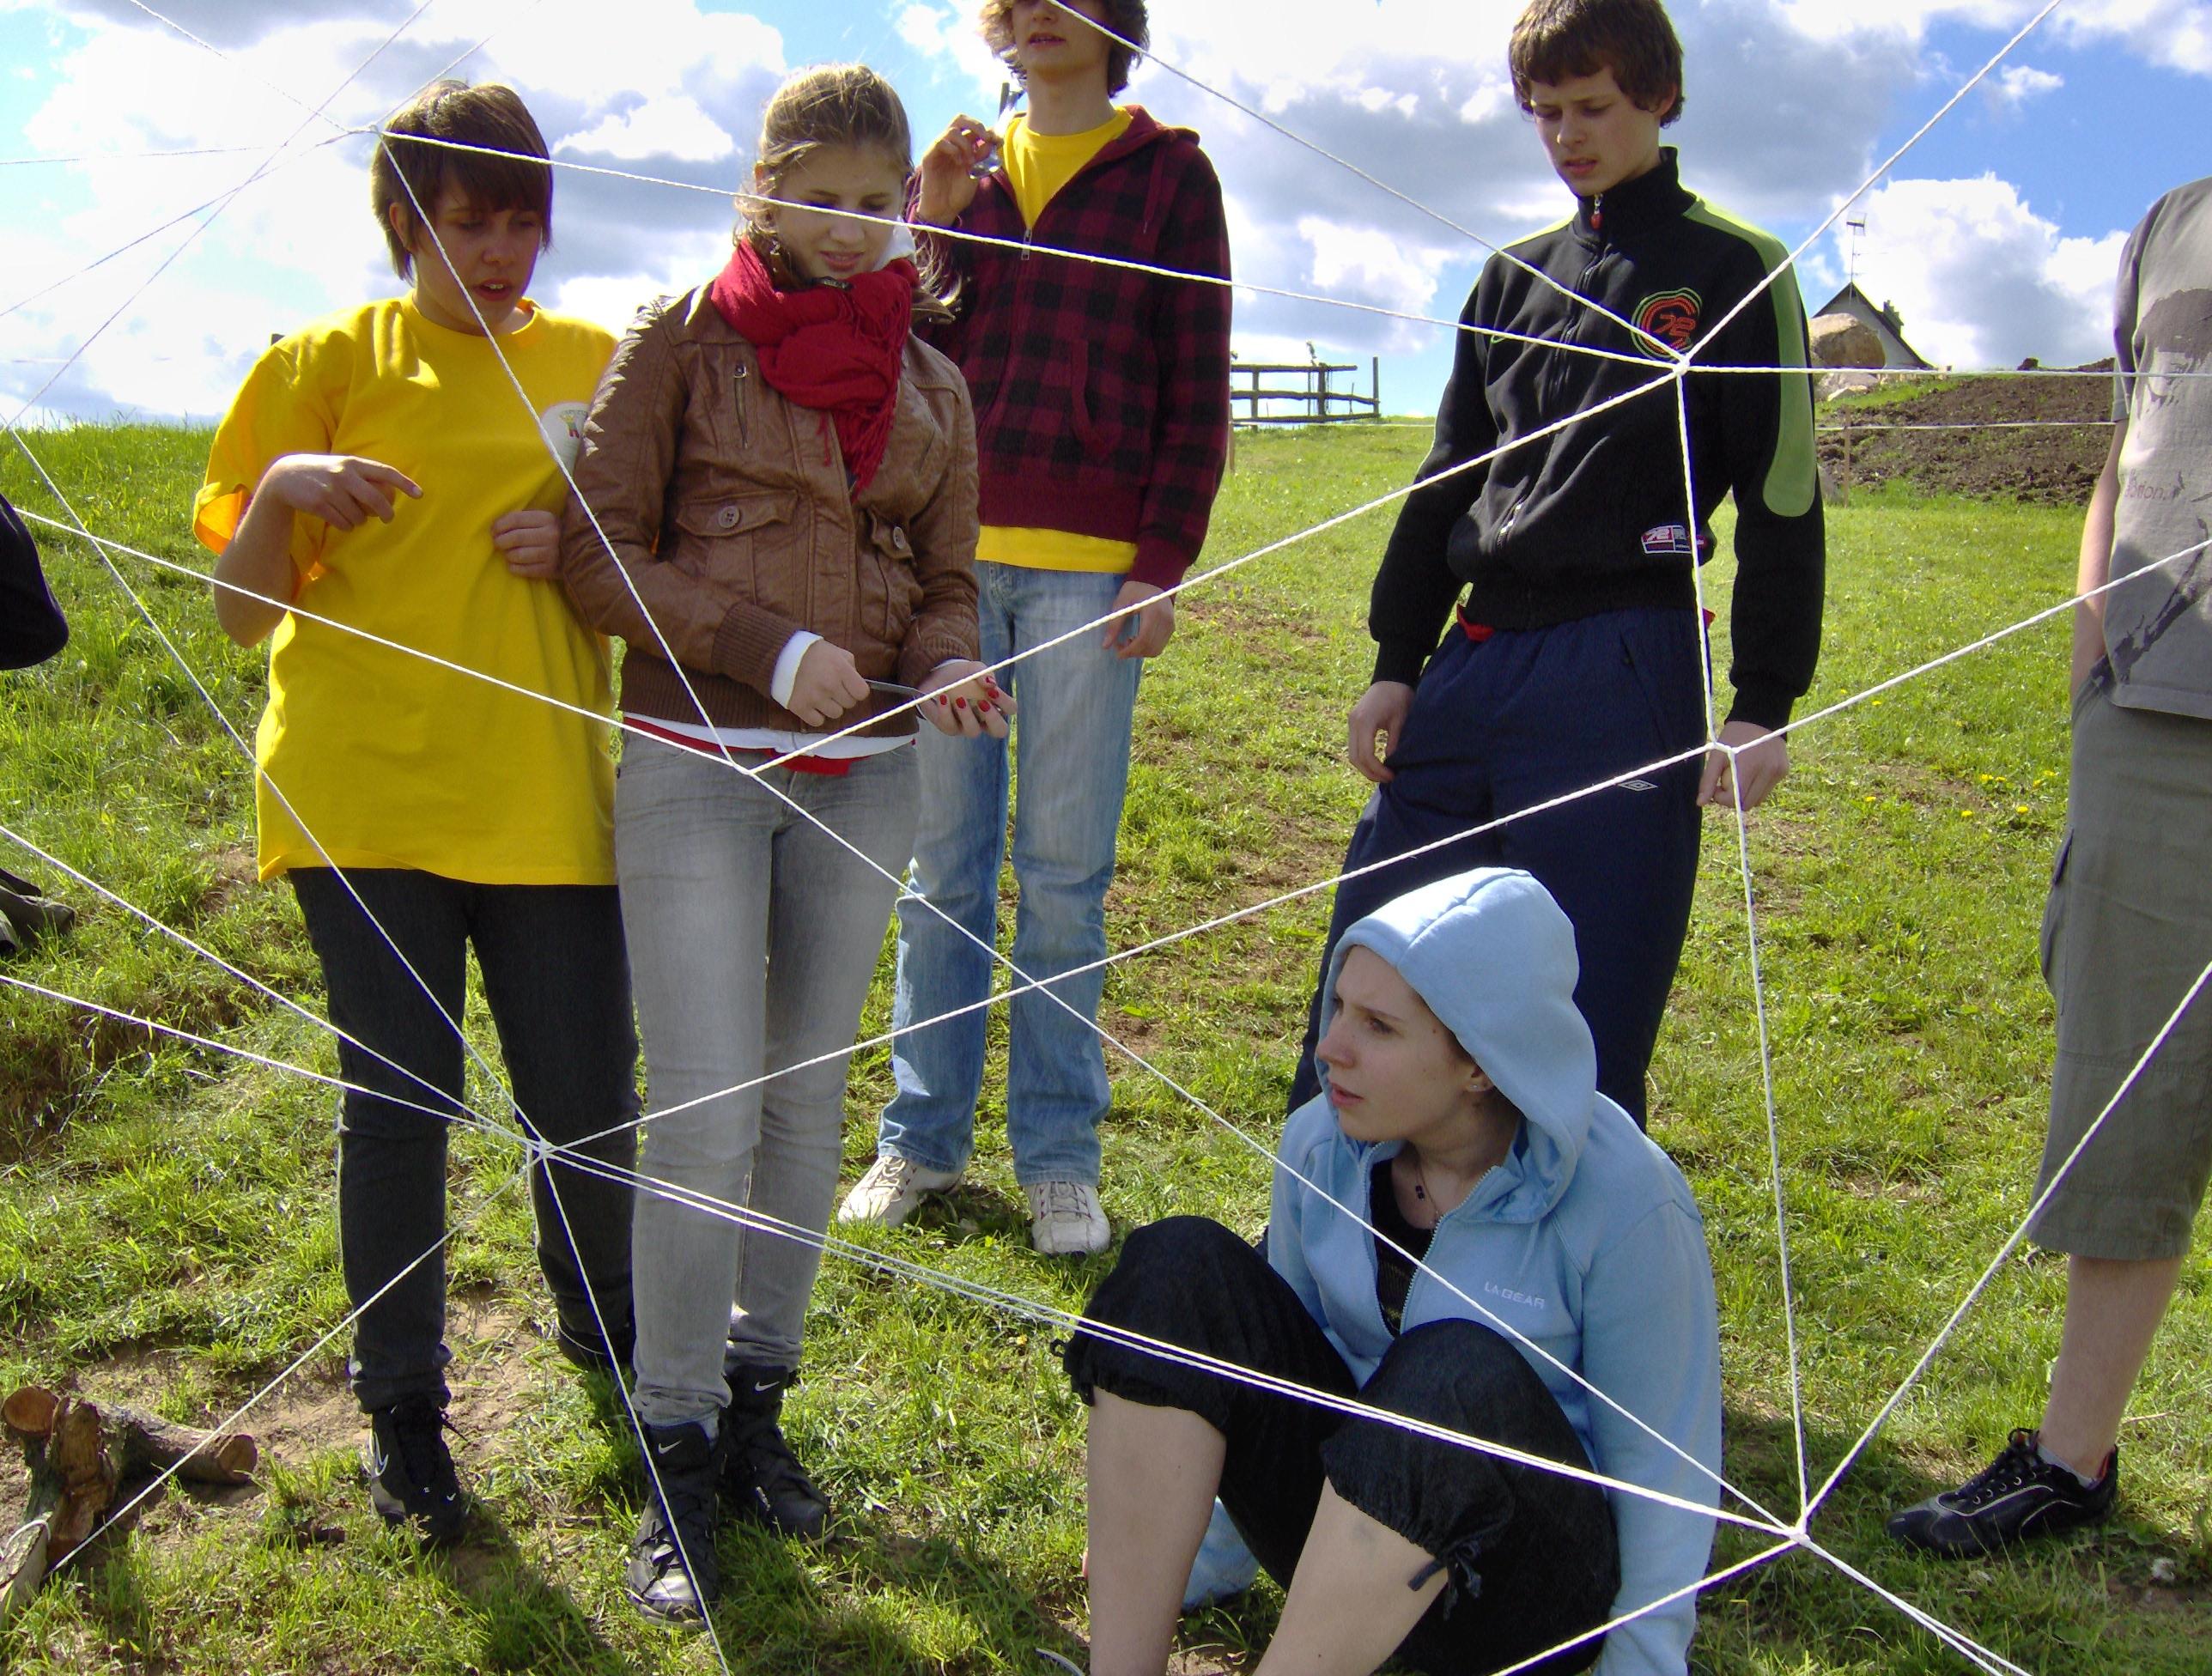 Projekty międzynarodowe – początki  zmian w polskiej szkole